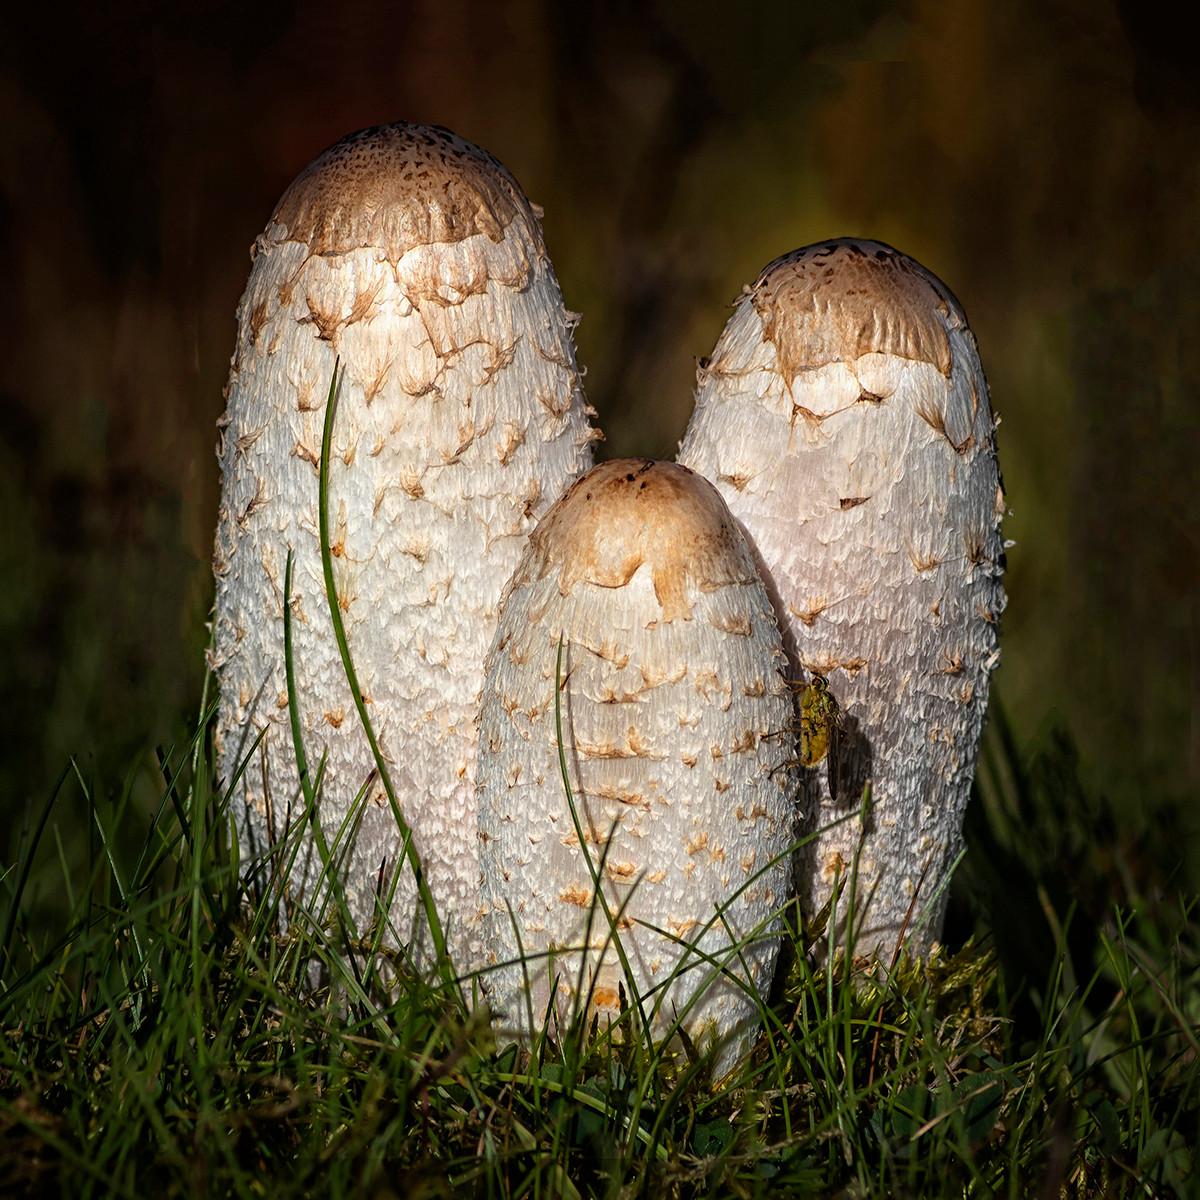 'Fungi and fly' by Marlene Hazlehurst ( 10 marks )